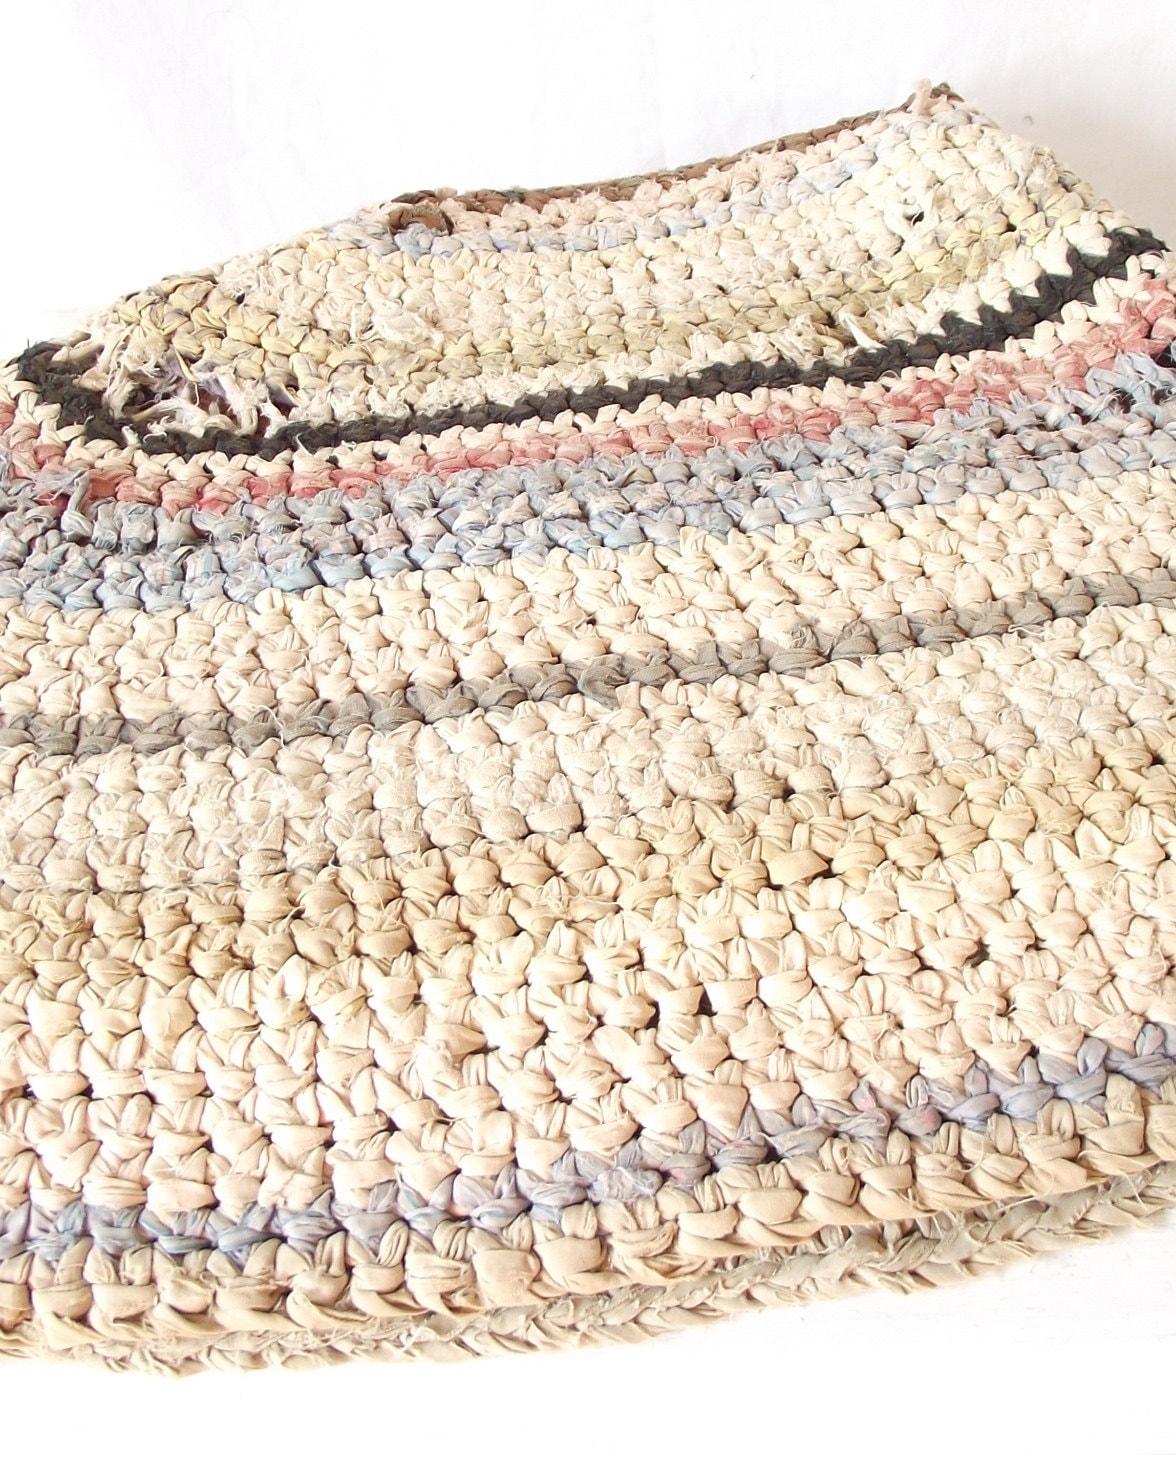 Rag Rug Large: Vintage Rag Rug Crochet Oval Primitive Antique Large 50